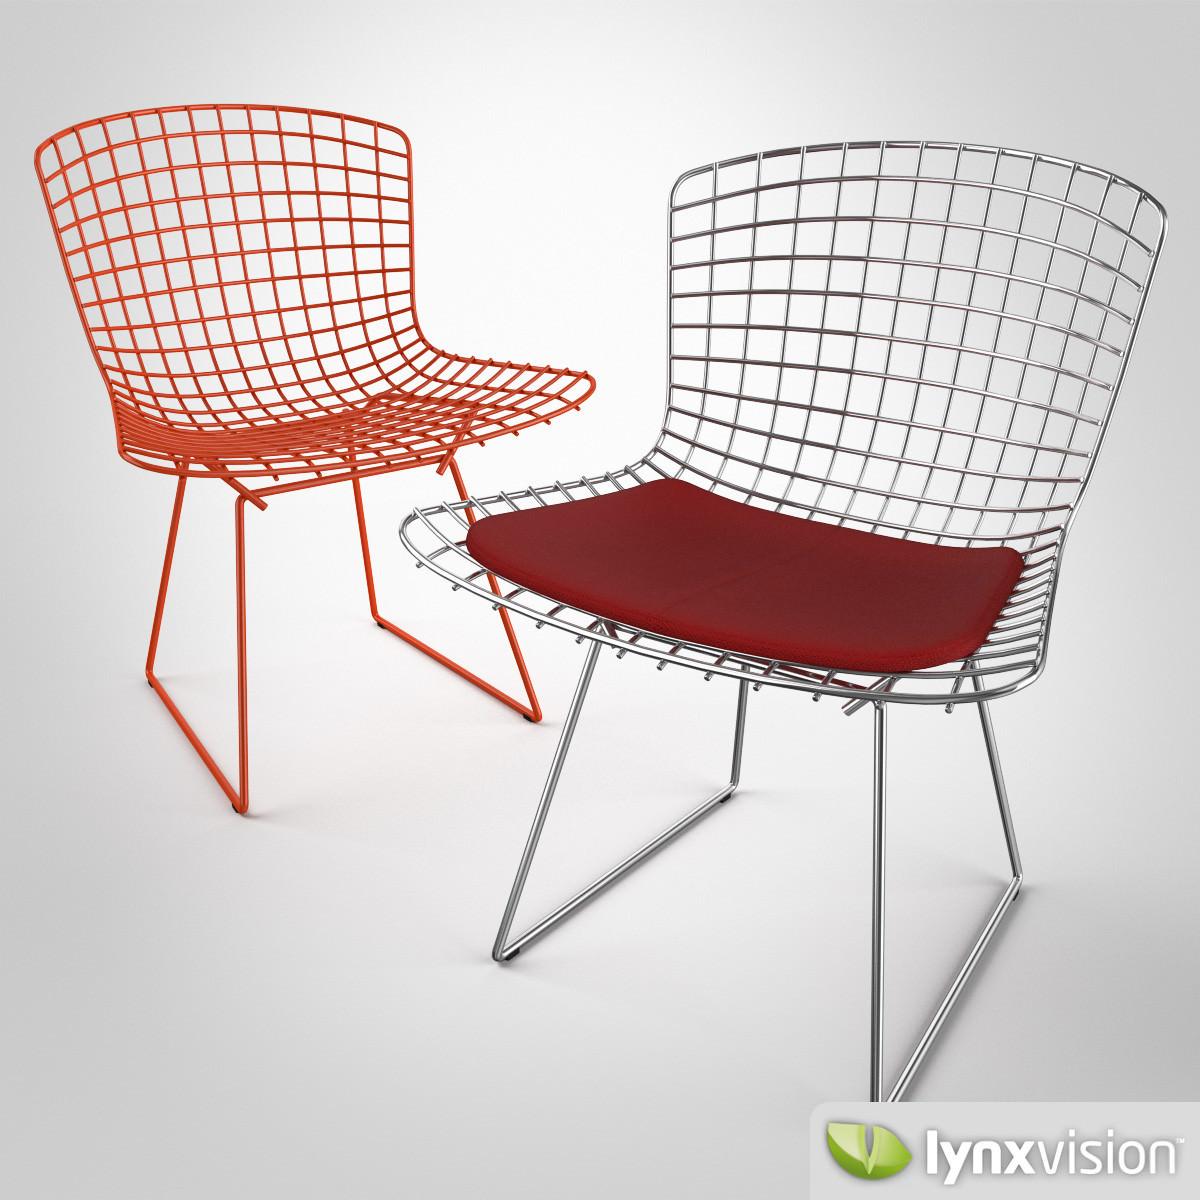 Bertoia chair knoll - Bertoia Chair By Knoll 3d Model Max Obj Fbx Mtl 1